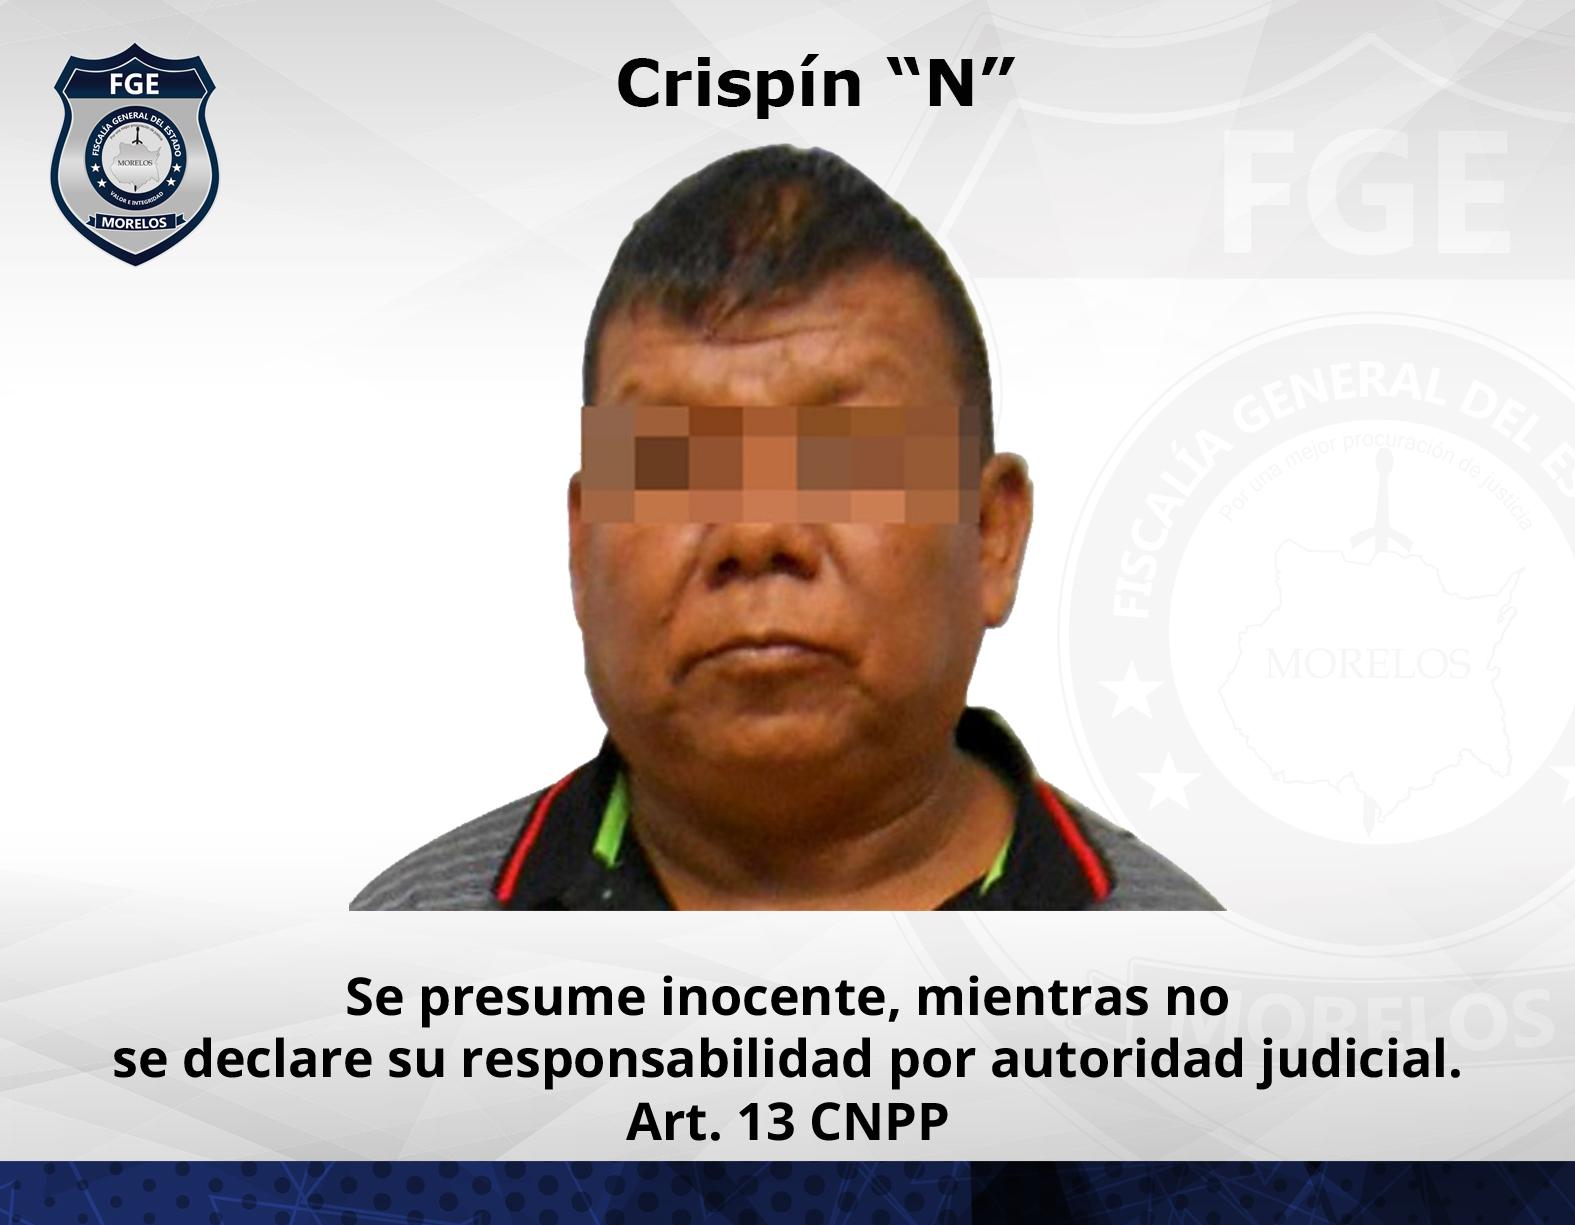 Crispin-N-